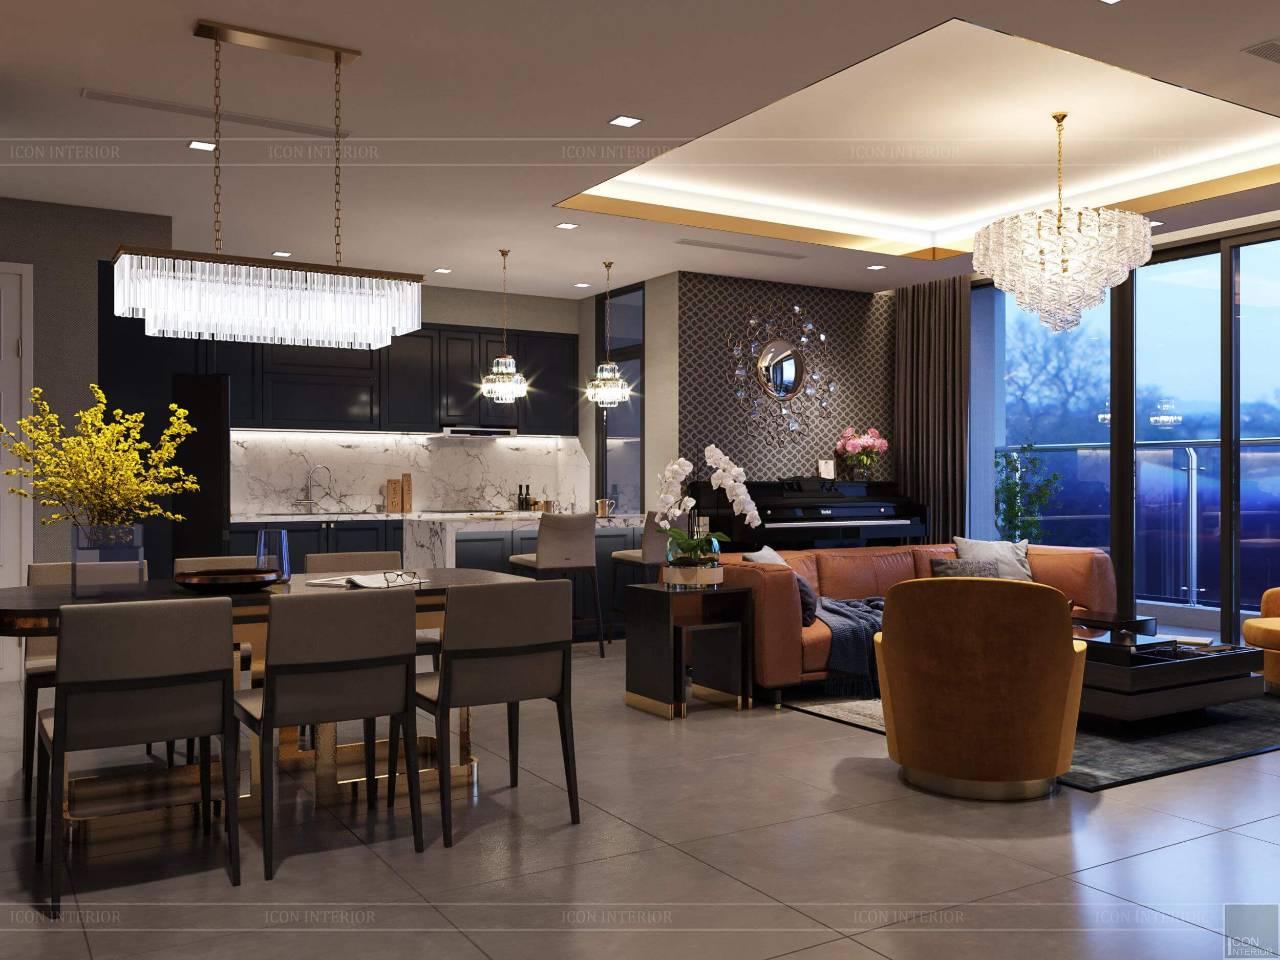 phòng ăn căn hộ phong cách hiện đại